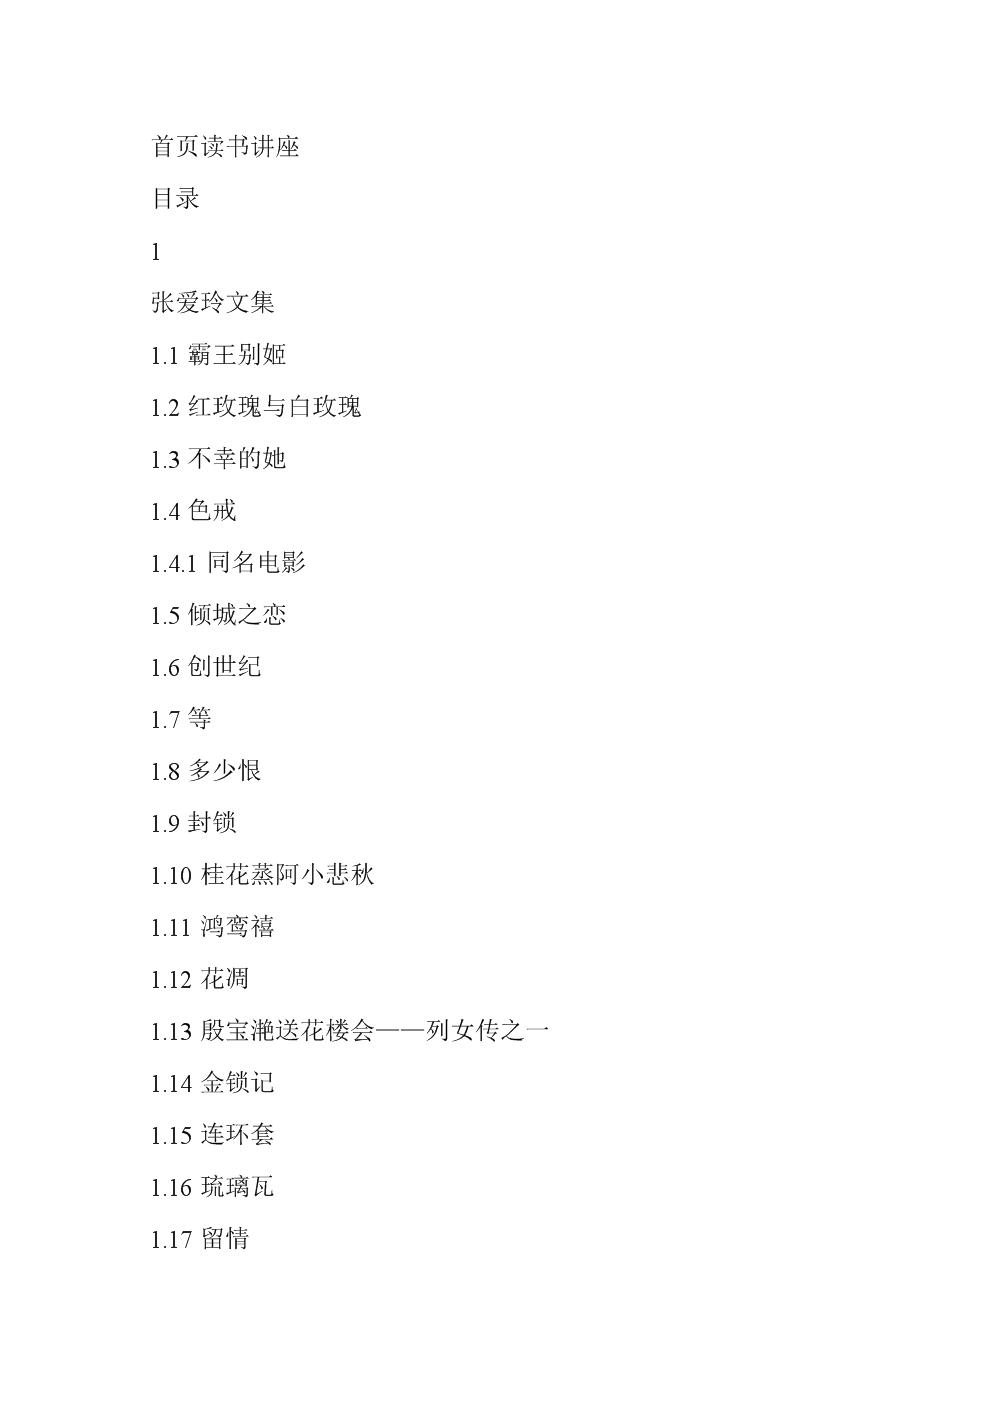 张爱玲文集—1.1楚王别姬.doc